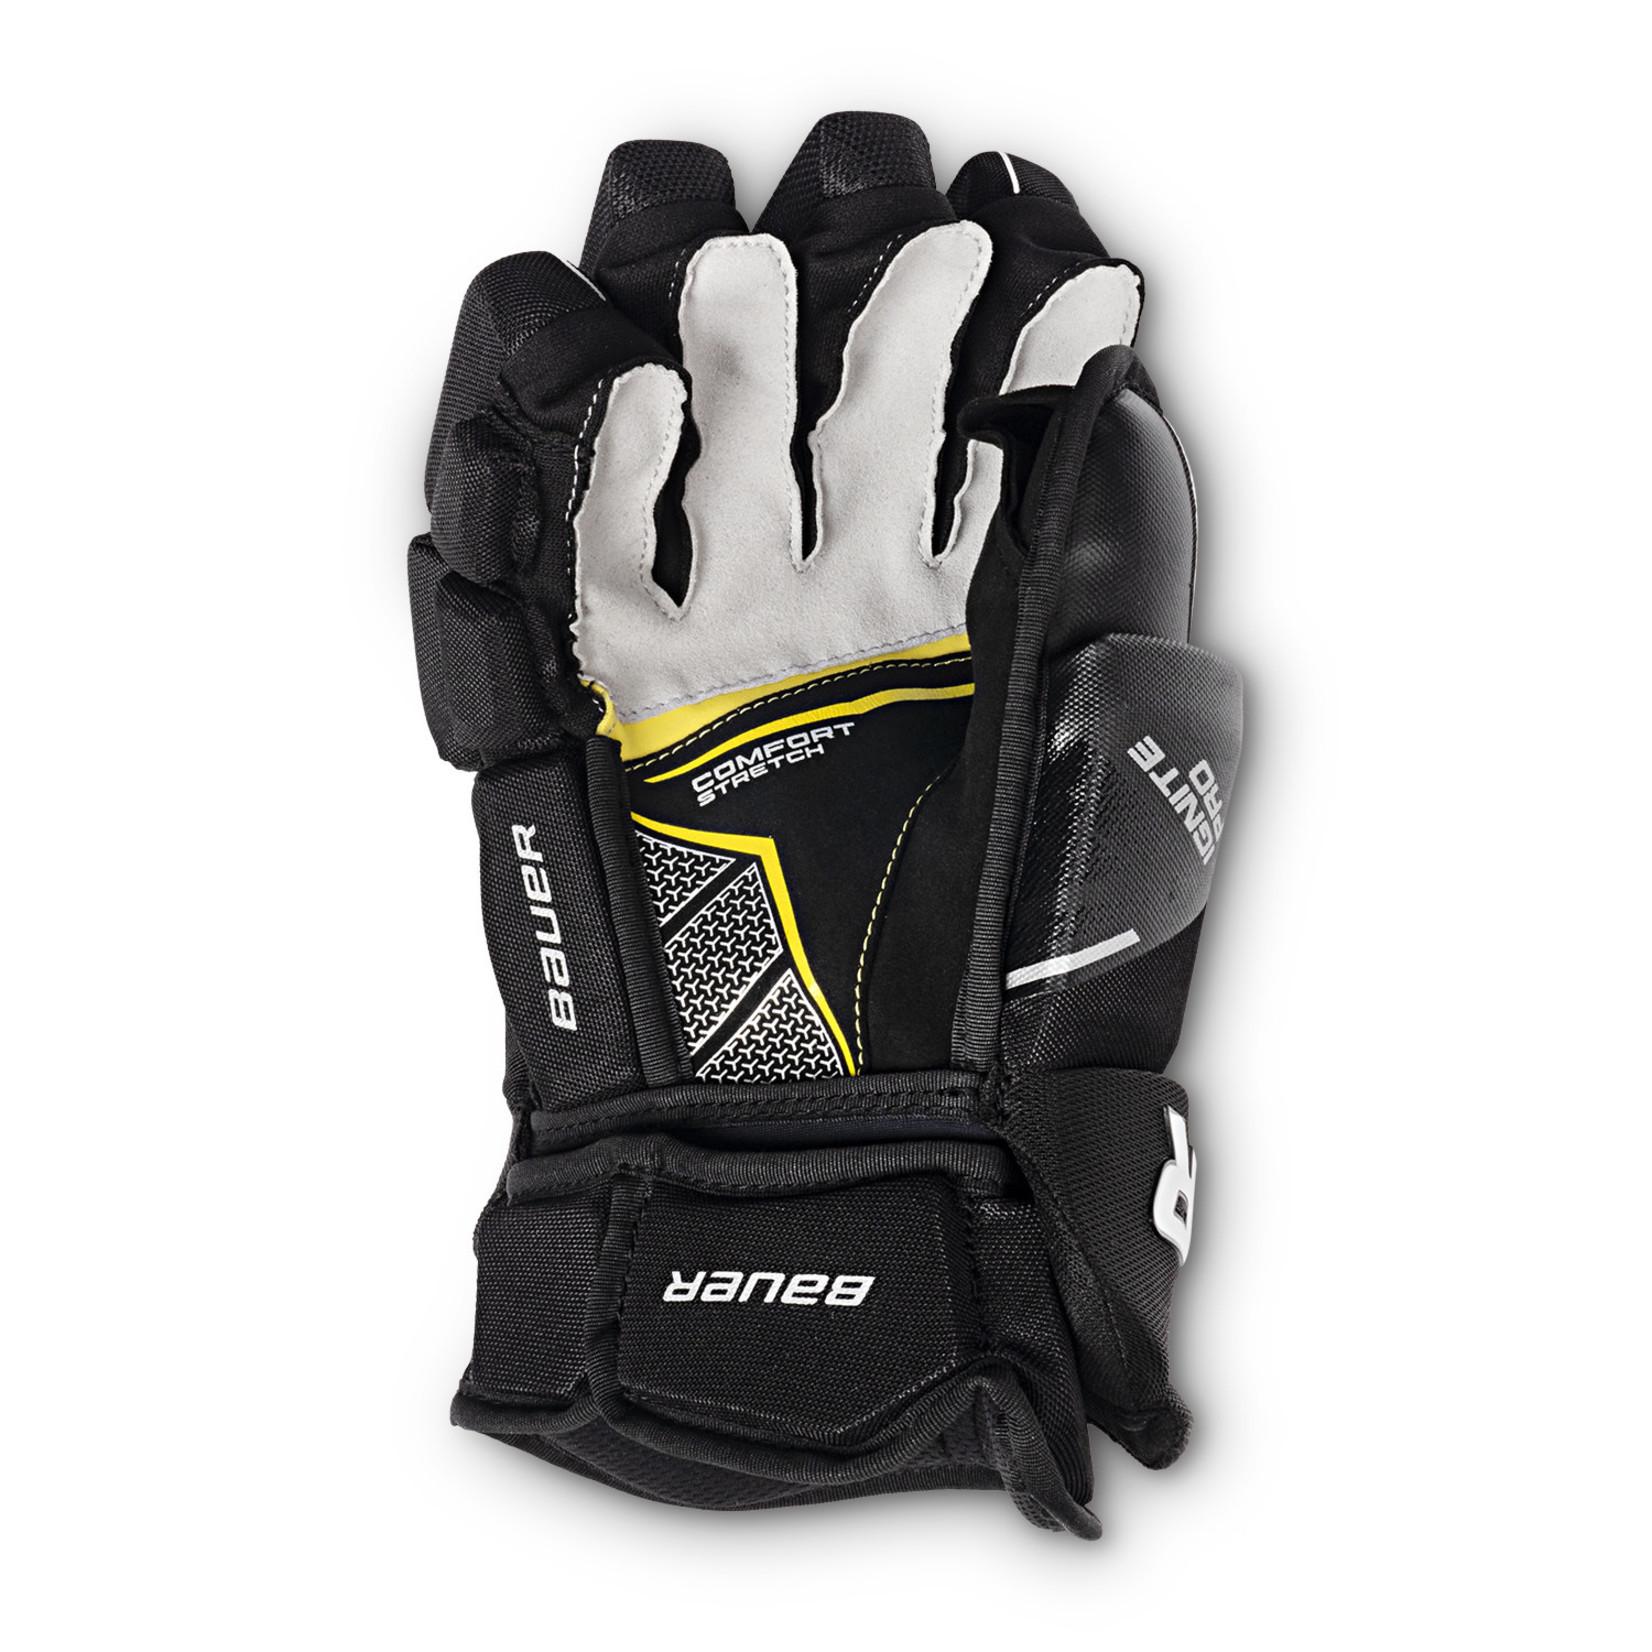 Bauer Bauer Hockey Gloves, Supreme Ignite Pro, Junior